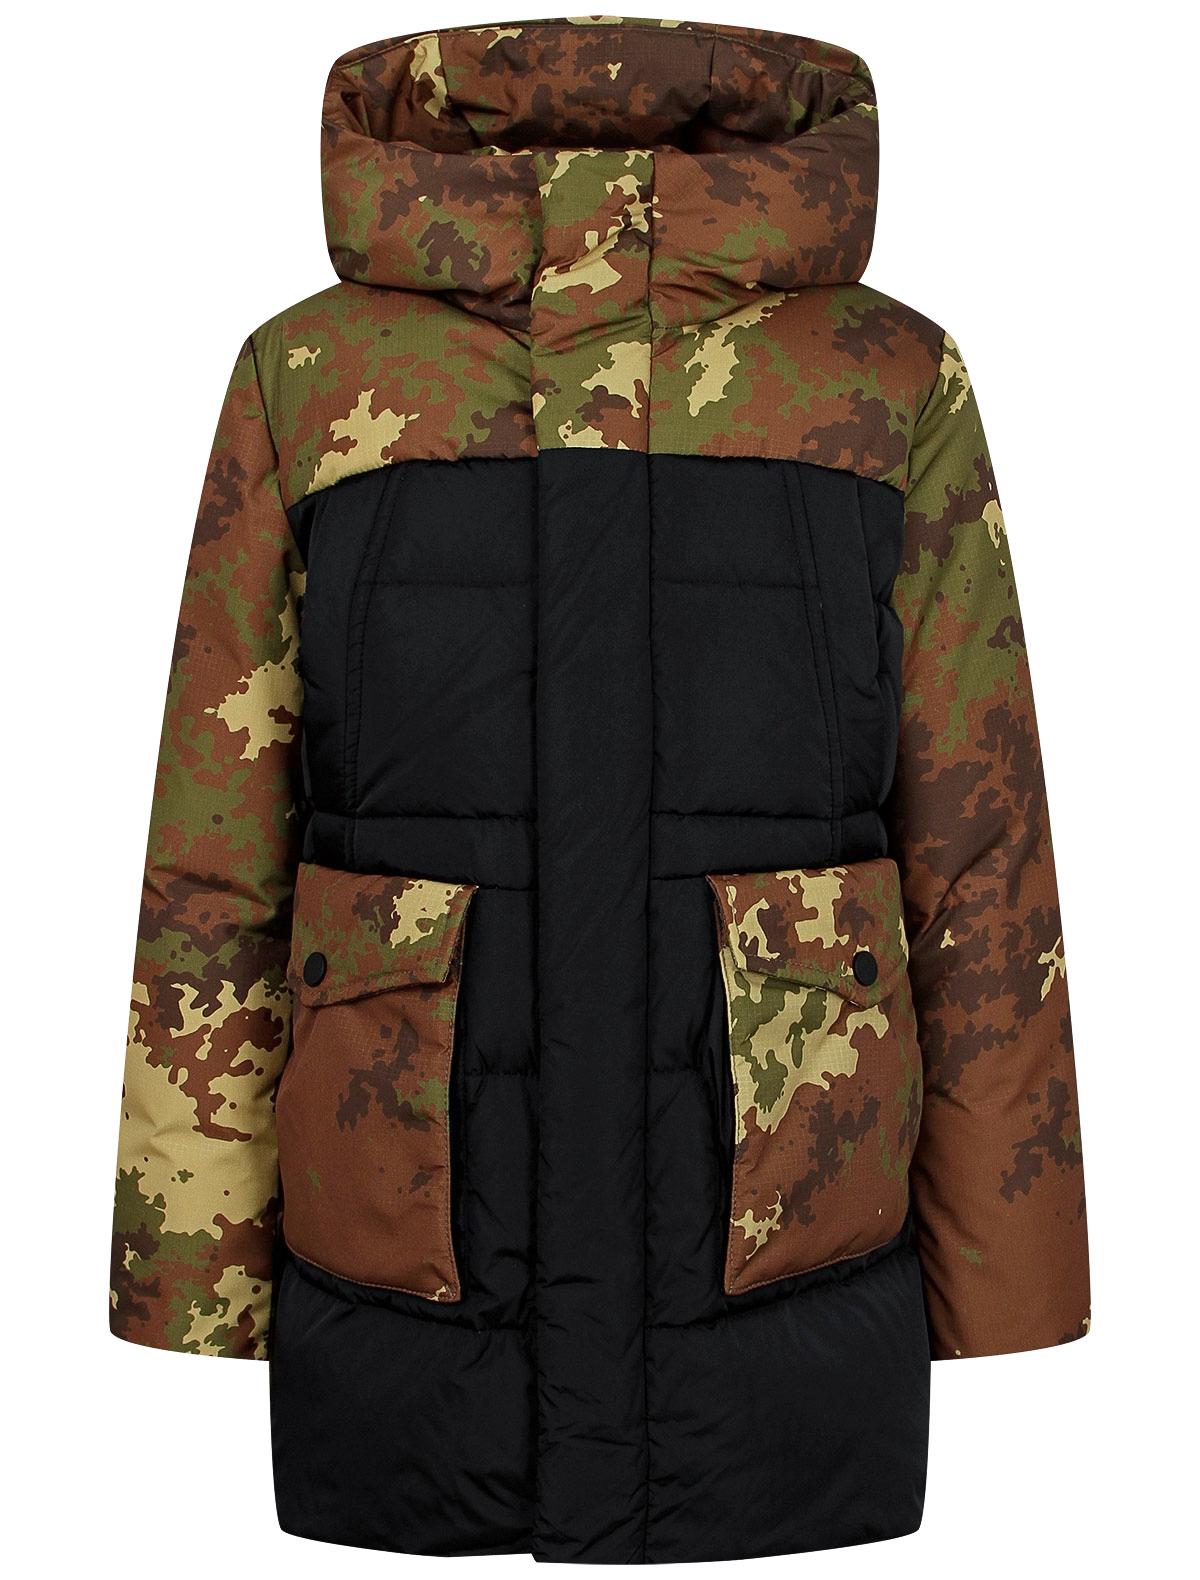 Купить 2243504, Куртка FREEDOMDAY, черный, Мужской, 1074519084430